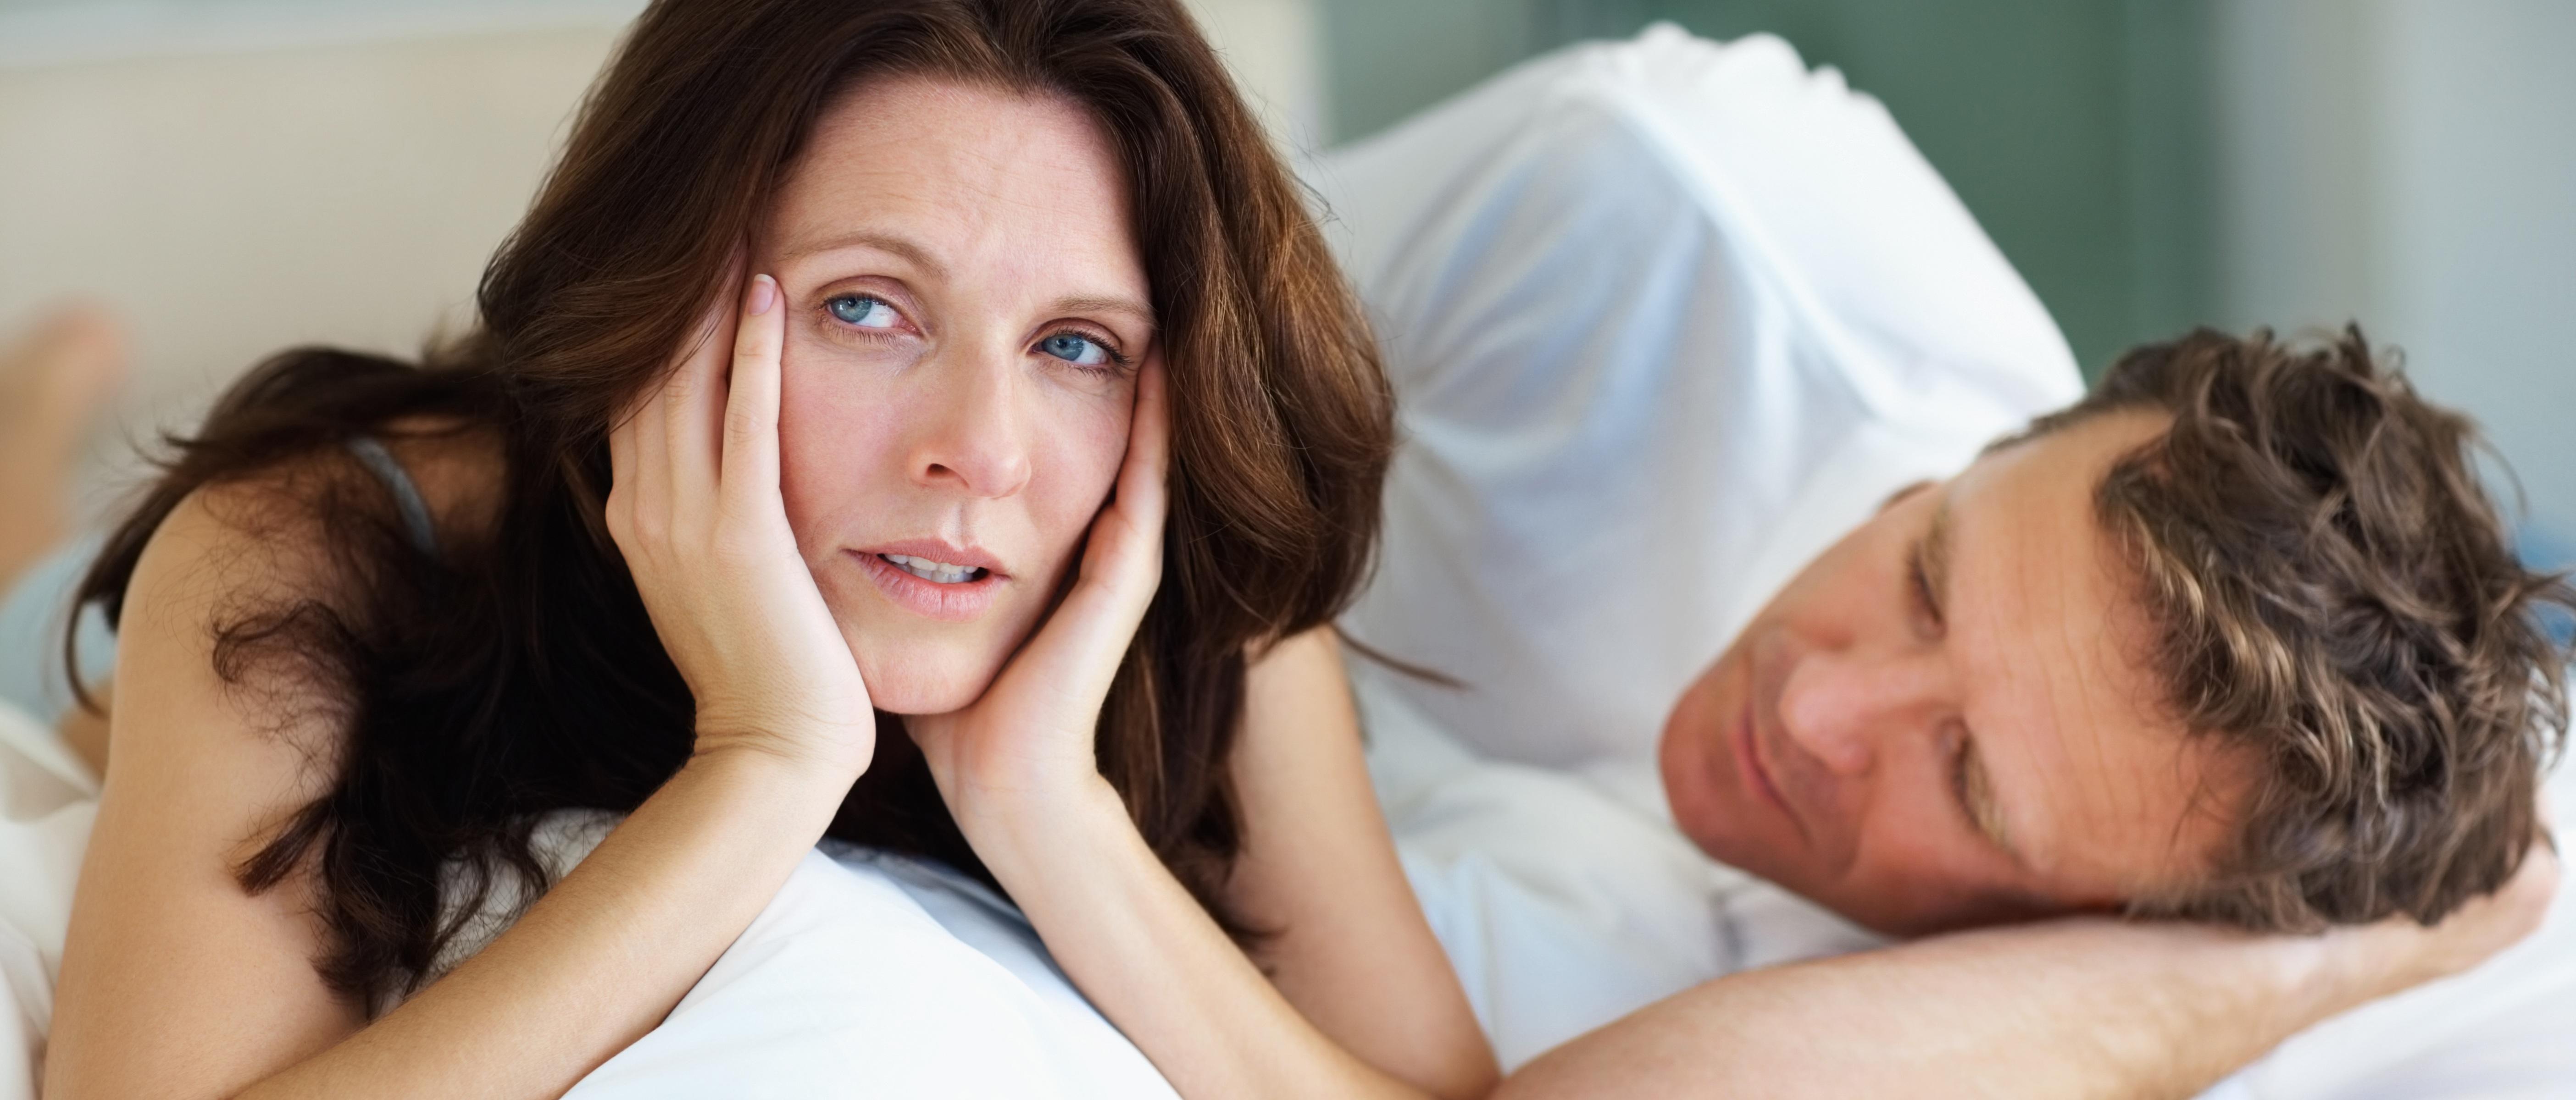 Во время секса пересыхает вагина